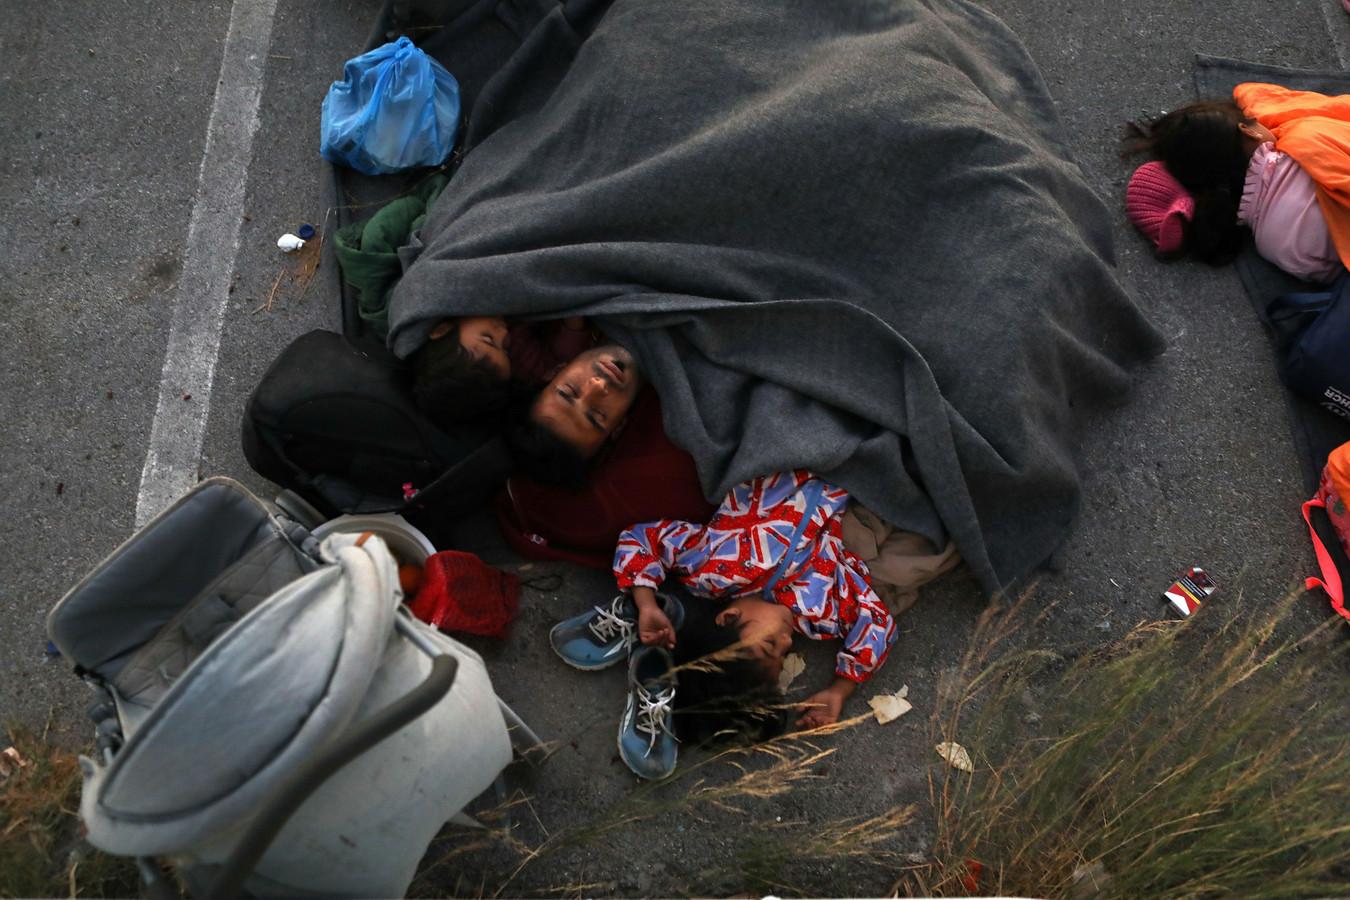 Een familie slaapt noodgedwongen op een parkeerplaats nabij het door brand verwoeste kamp Moria.